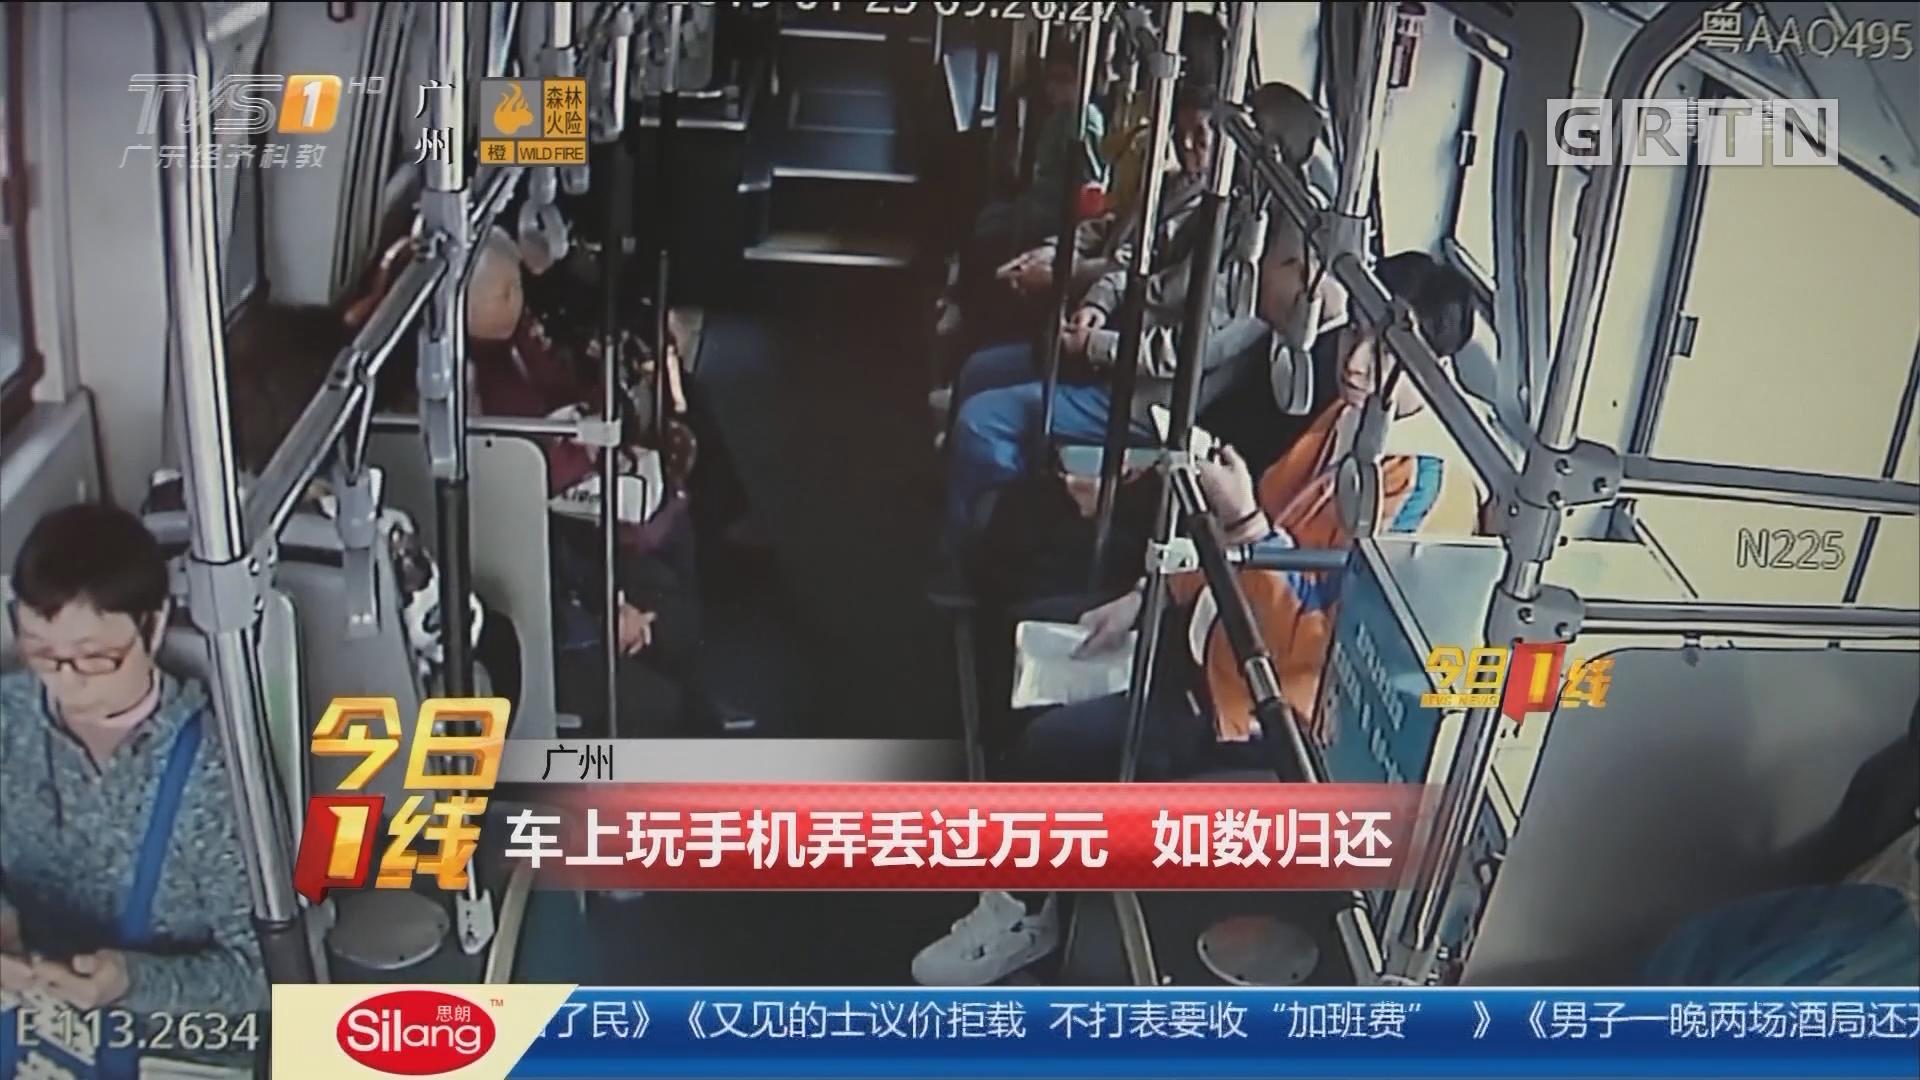 广州:车上玩手机弄丢过万元 如数归还